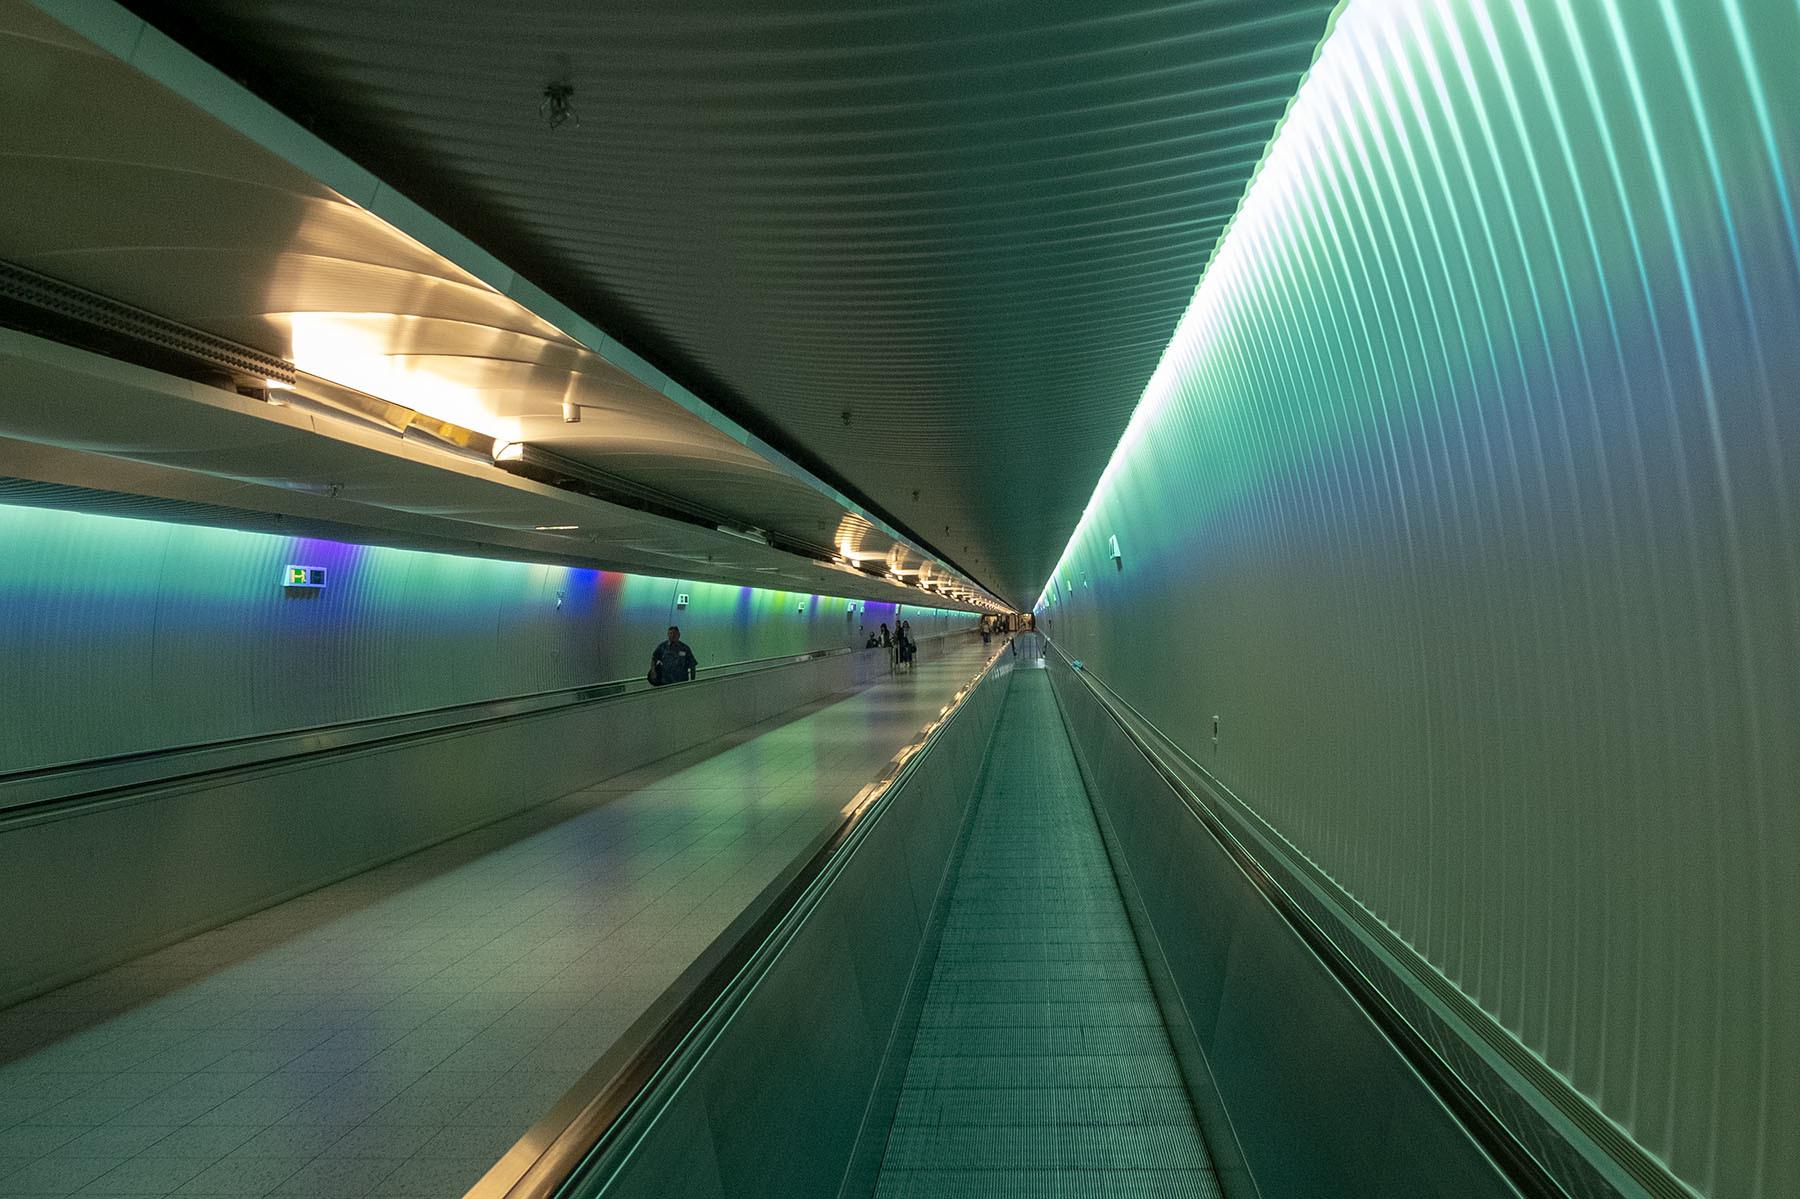 Przejście pomiędzy terminalami na lotnisku we Frankfurcie nad Menem